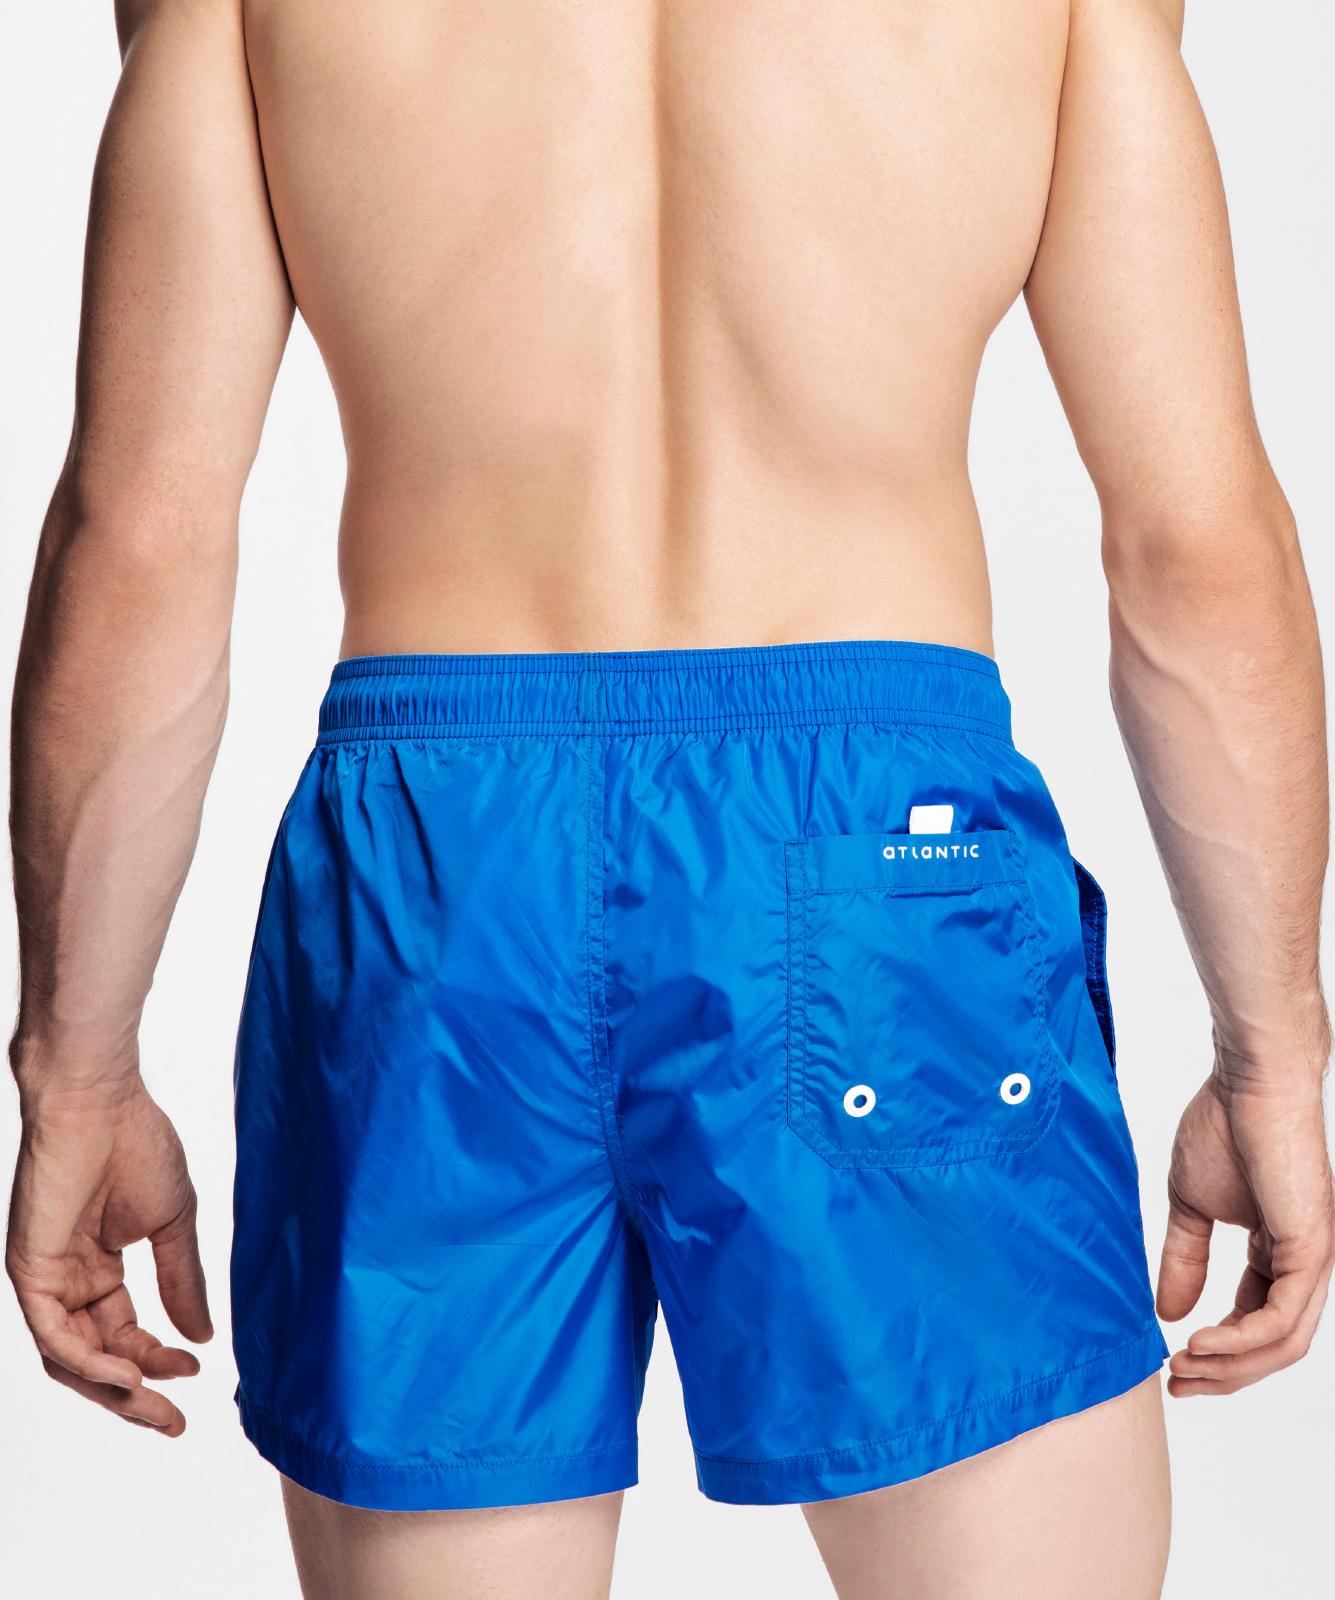 Пляжные шорты мужские Atlantic, 1 шт. в уп., полиэстер, голубые, KMB-188